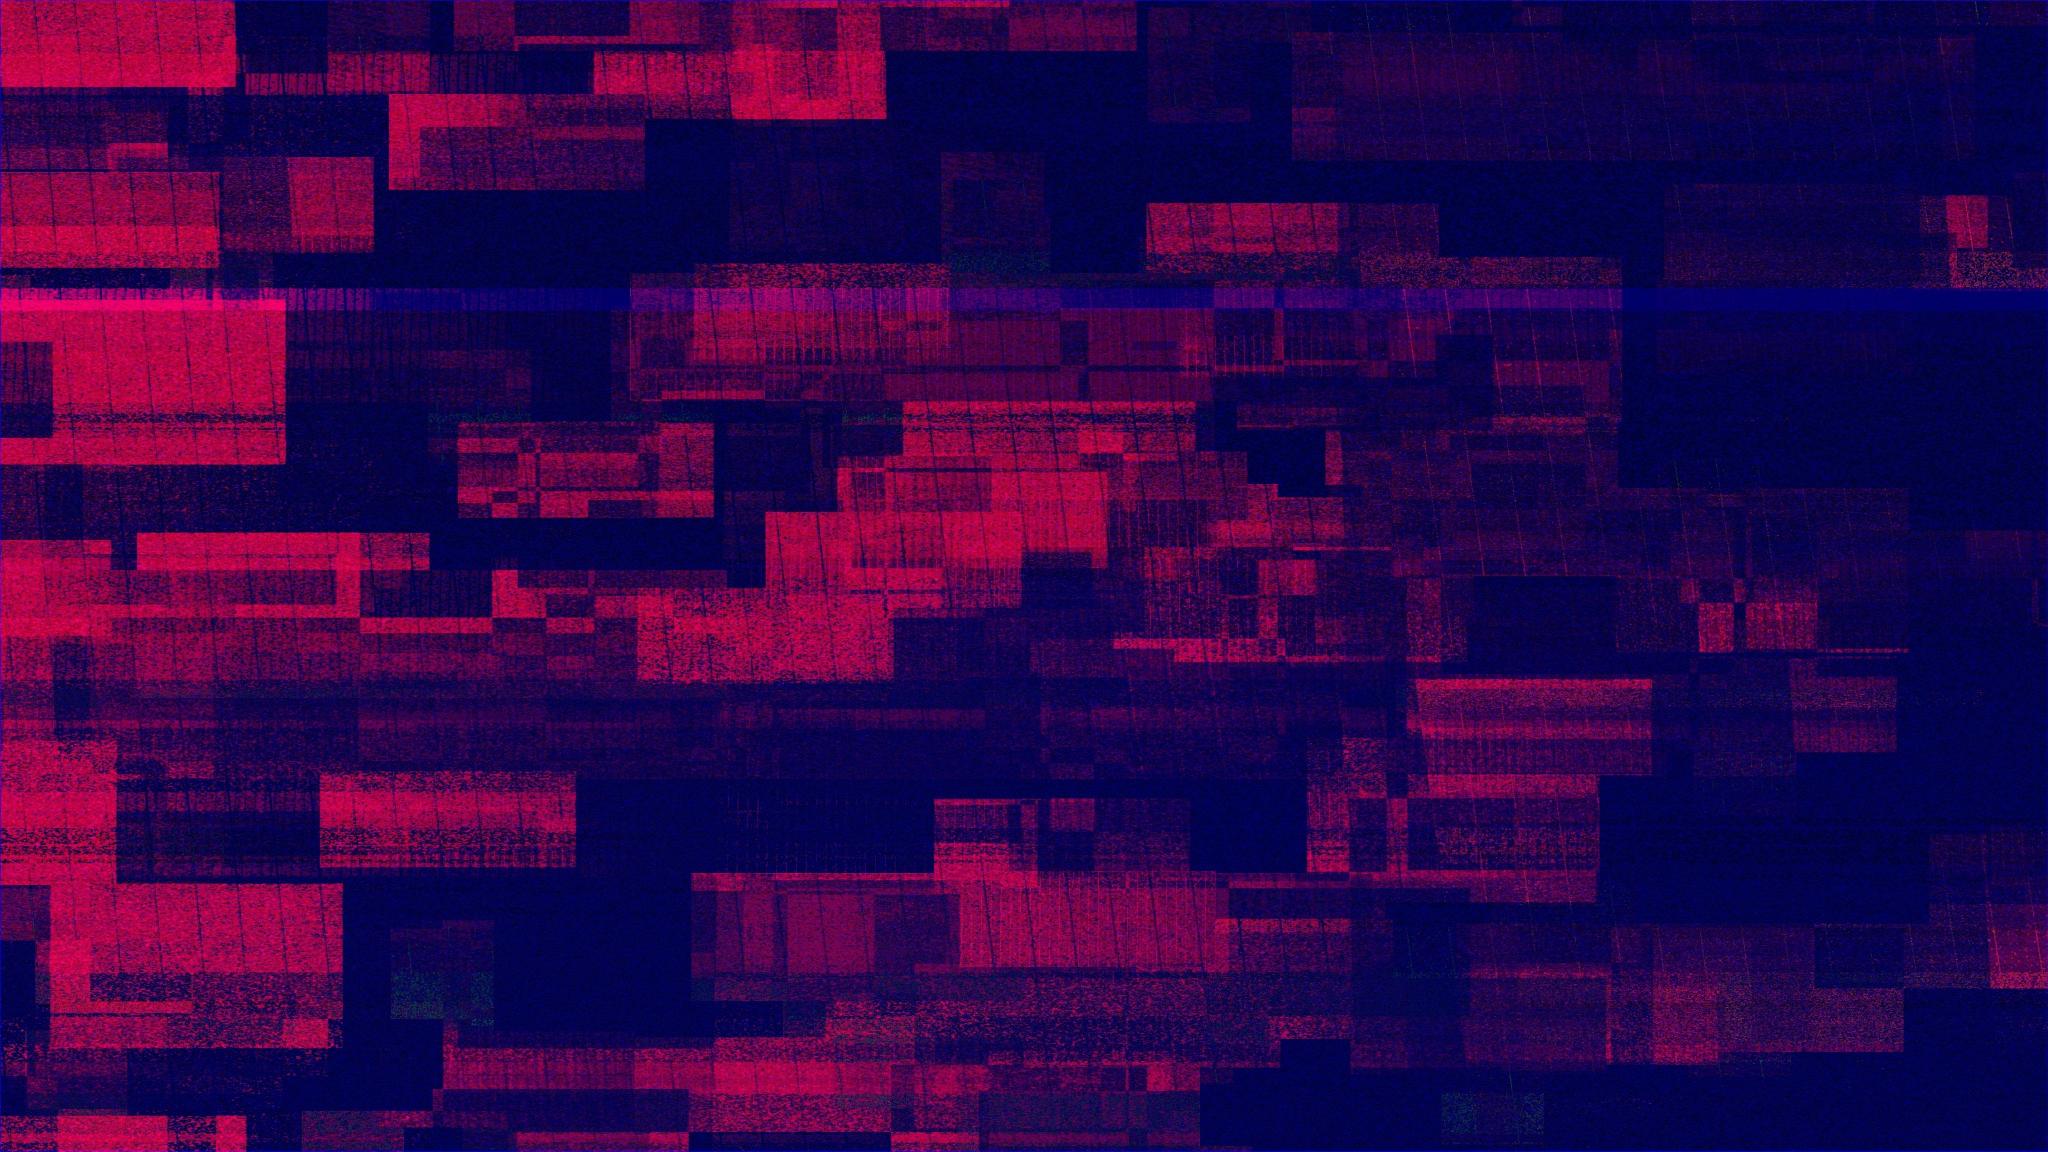 Download 2048x1152 Wallpaper Glitch Art Lines Pixels